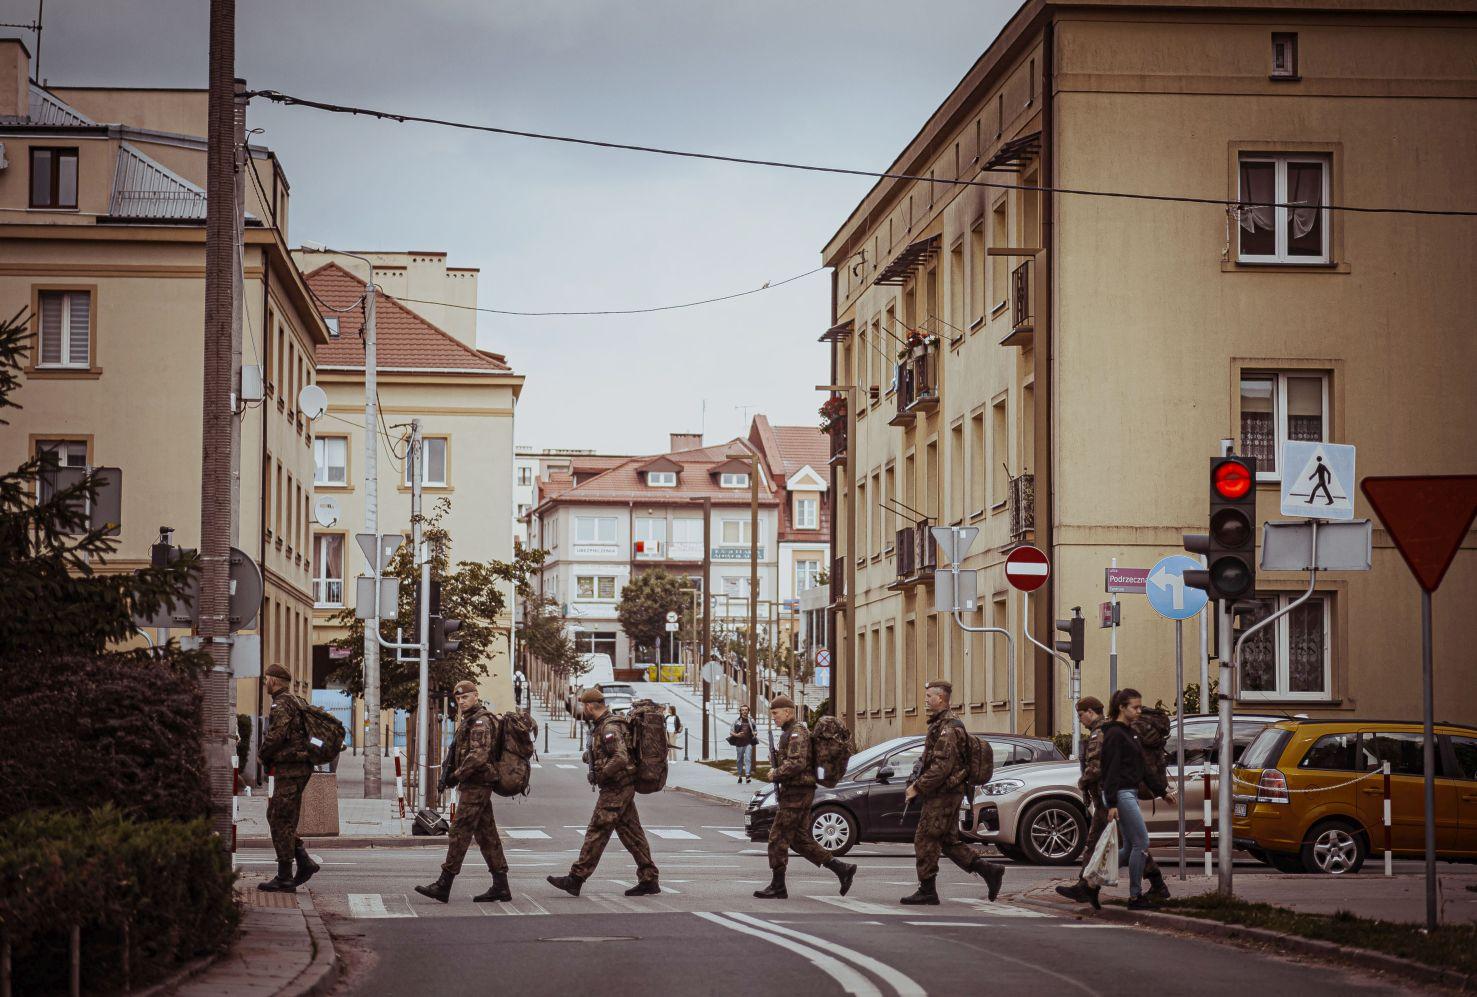 Wojsko na ulicach Kutna! Co  żołnierze robili w naszym mieście? [ZDJĘCIA] - Zdjęcie główne